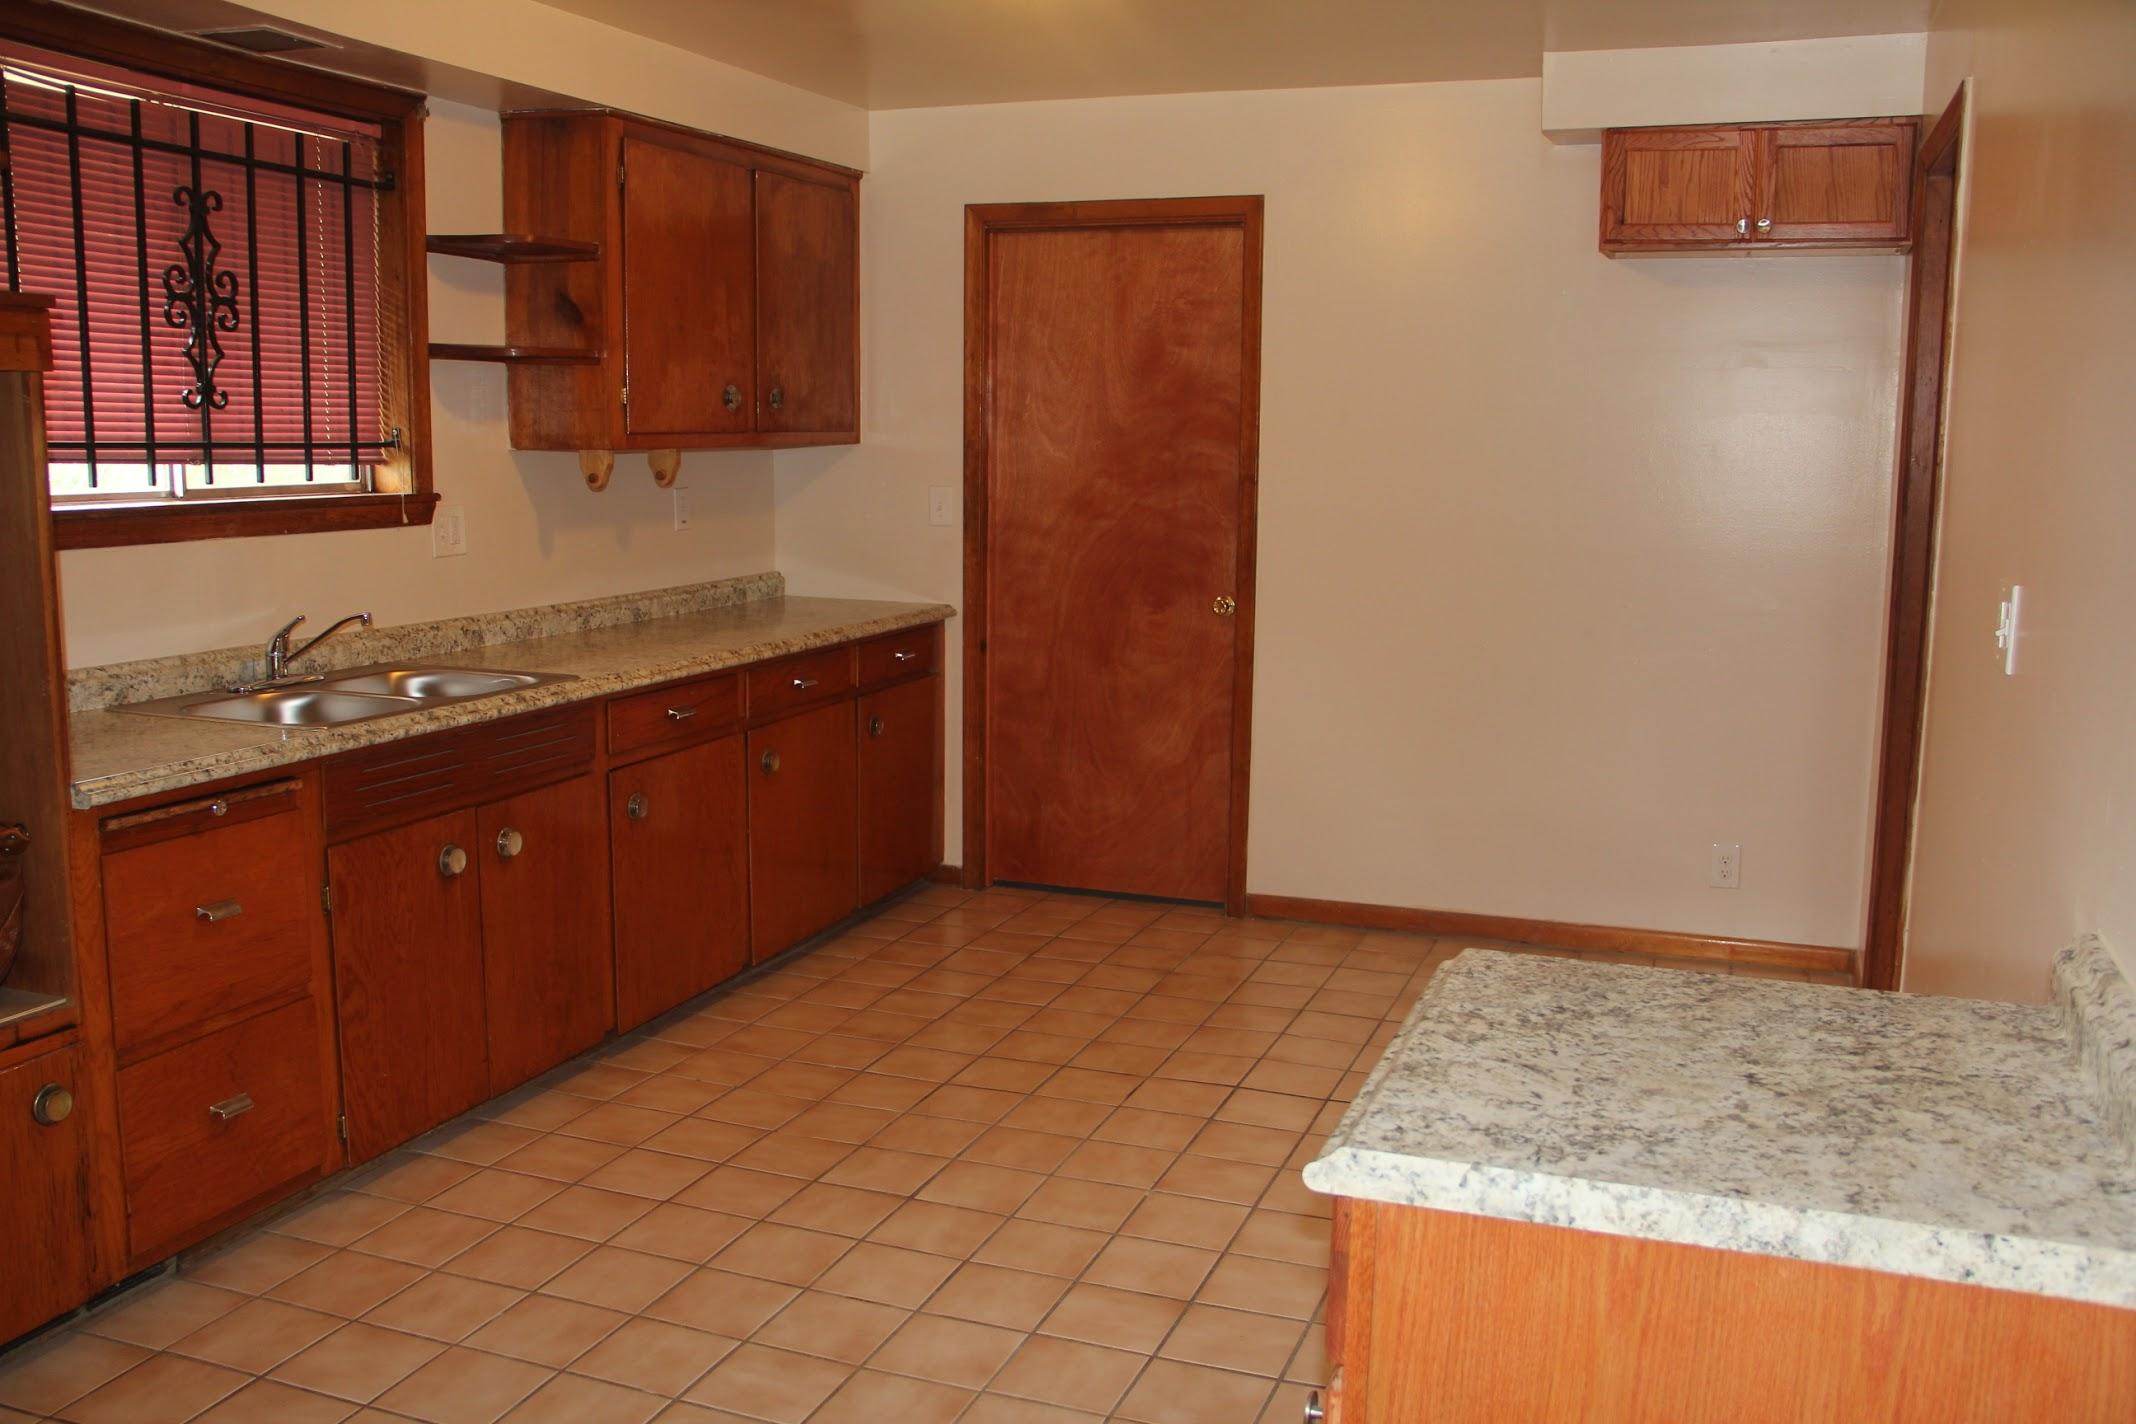 17631 Belden-kitchen.jpg